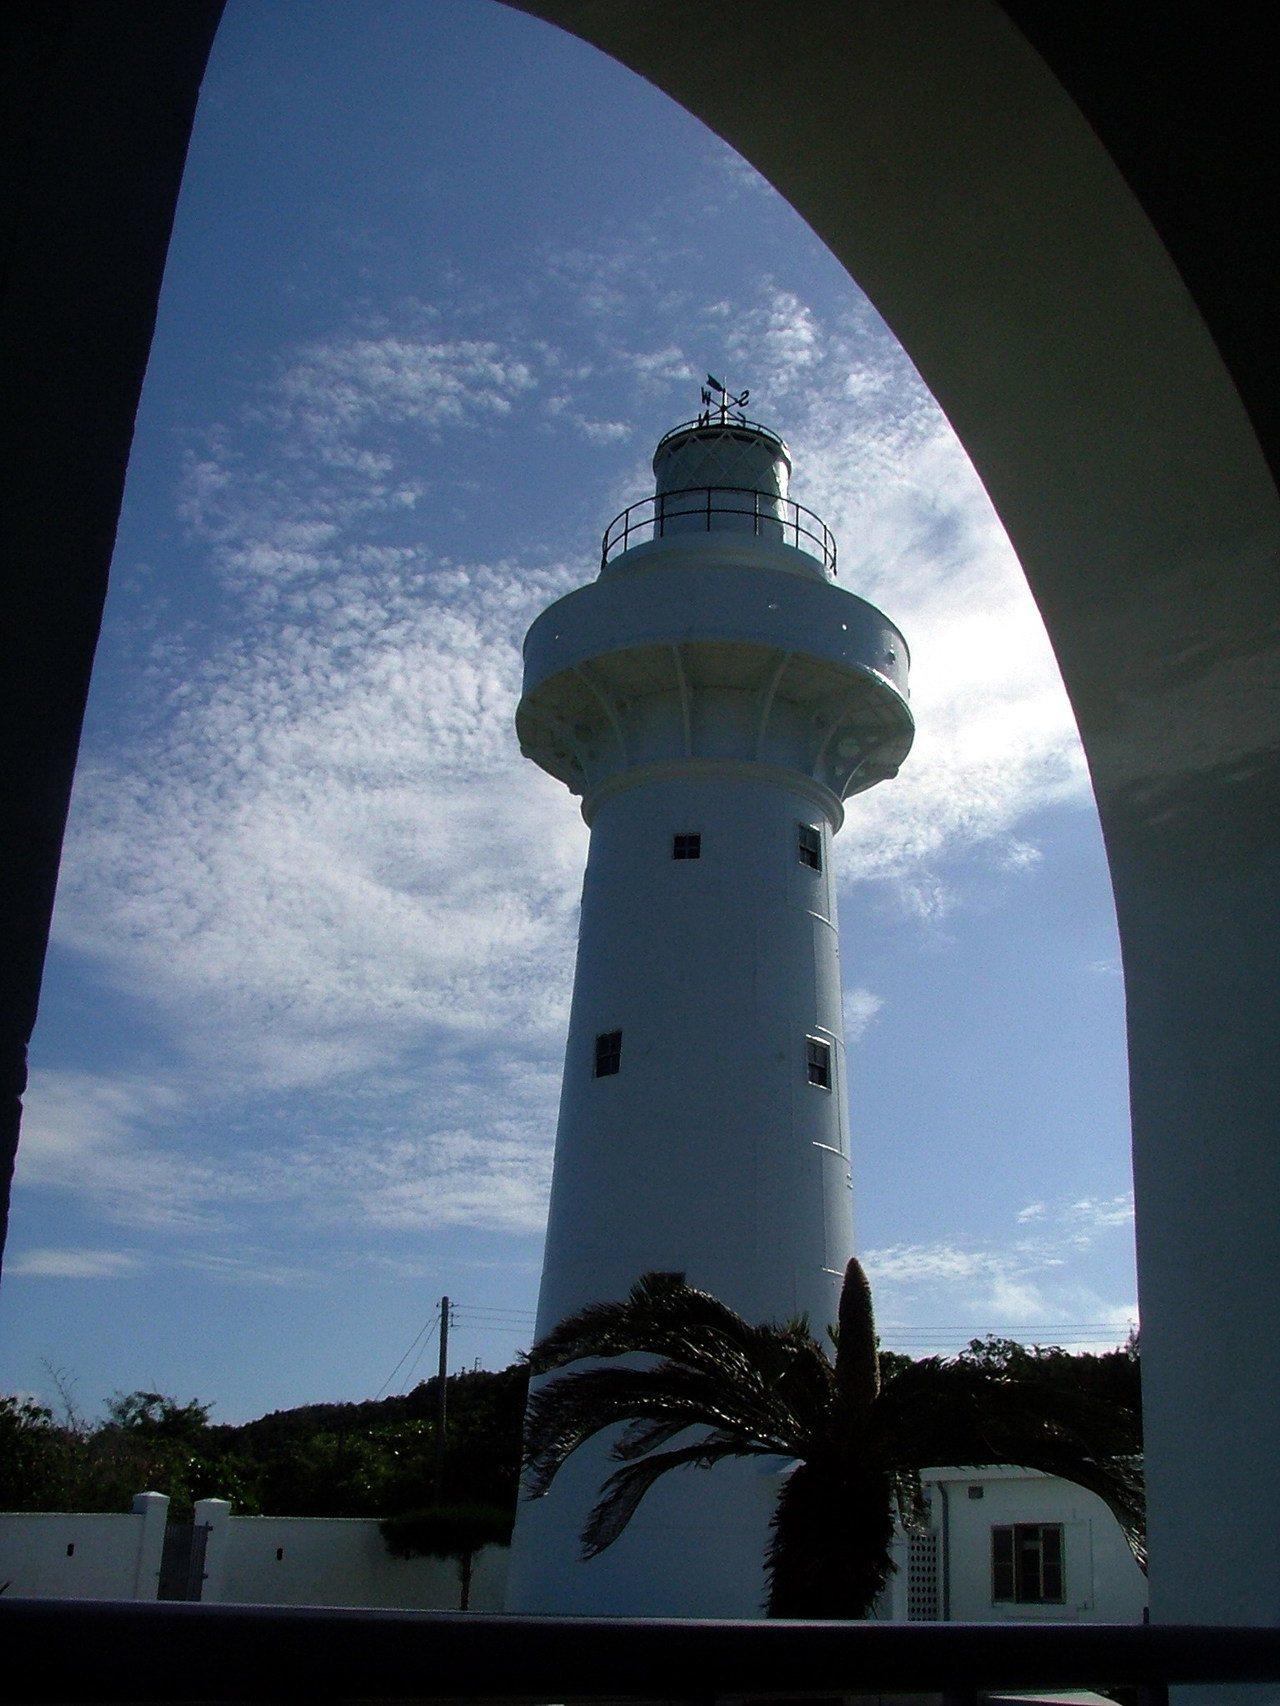 鵝鑾鼻燈塔是僅次貓頭鼻公園的人氣景點。 圖/報系資料照